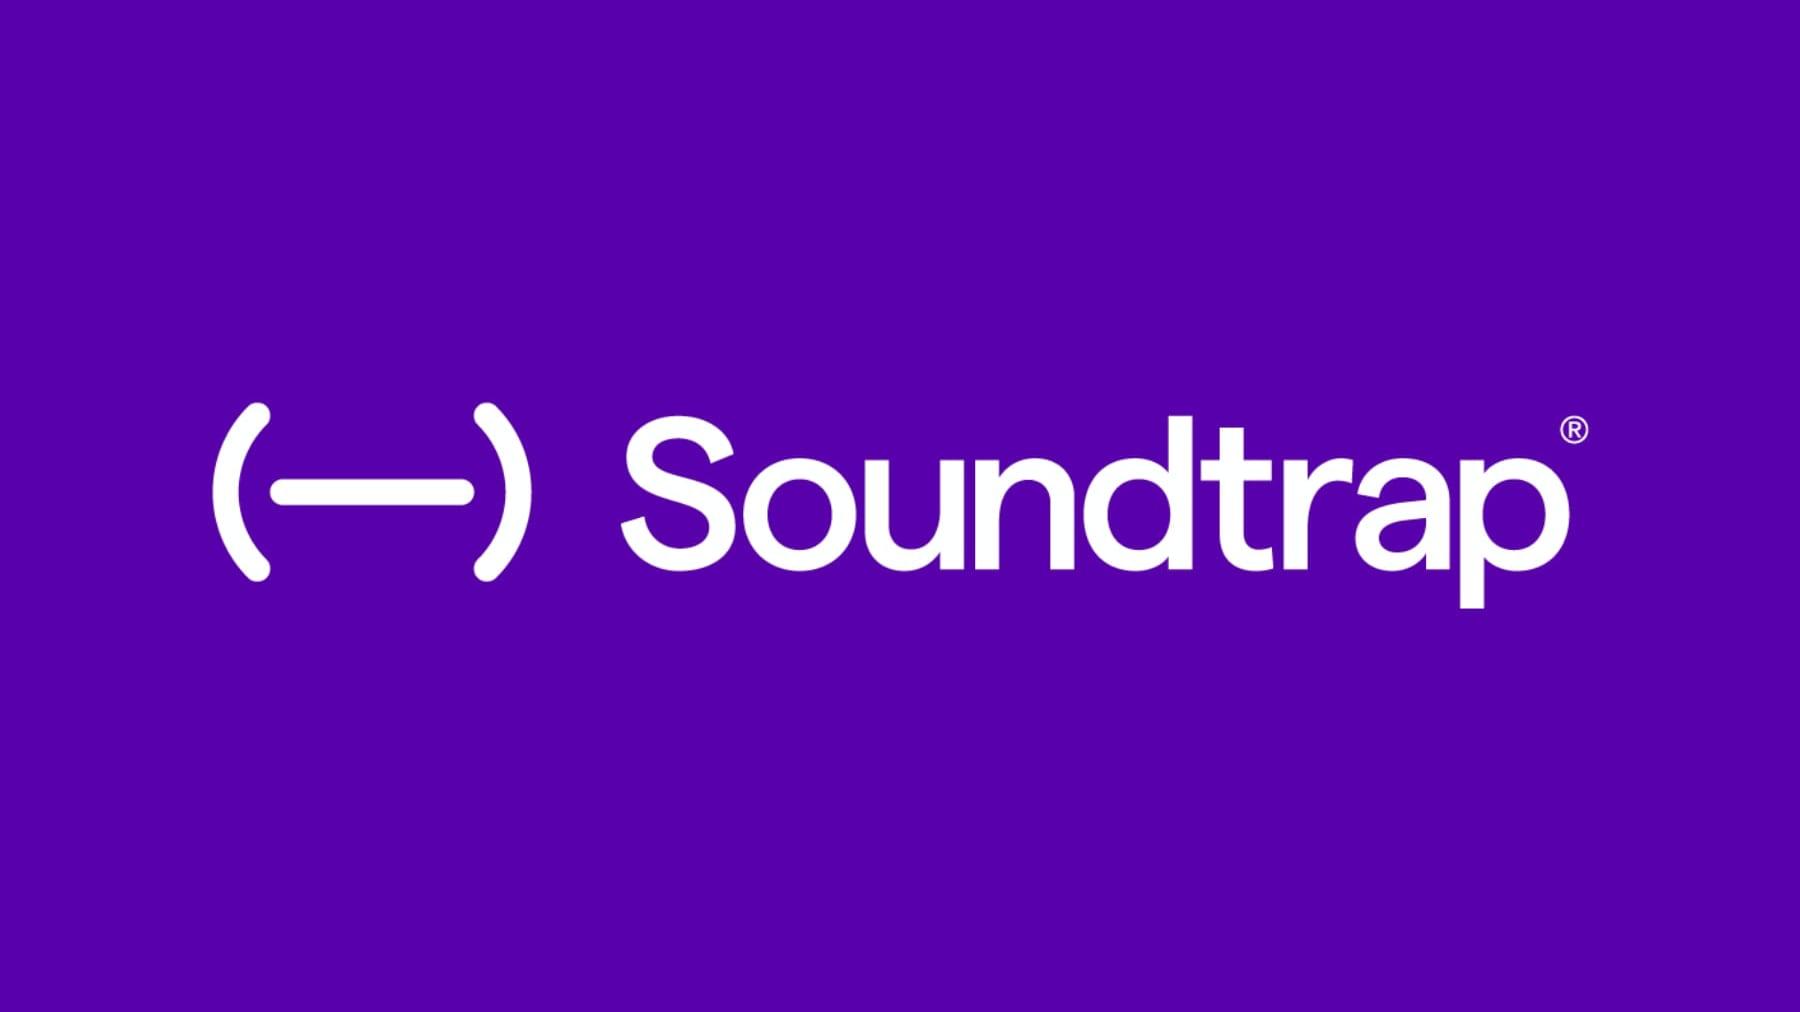 Soundtrap logo (tekst på lilla bakgrunn)